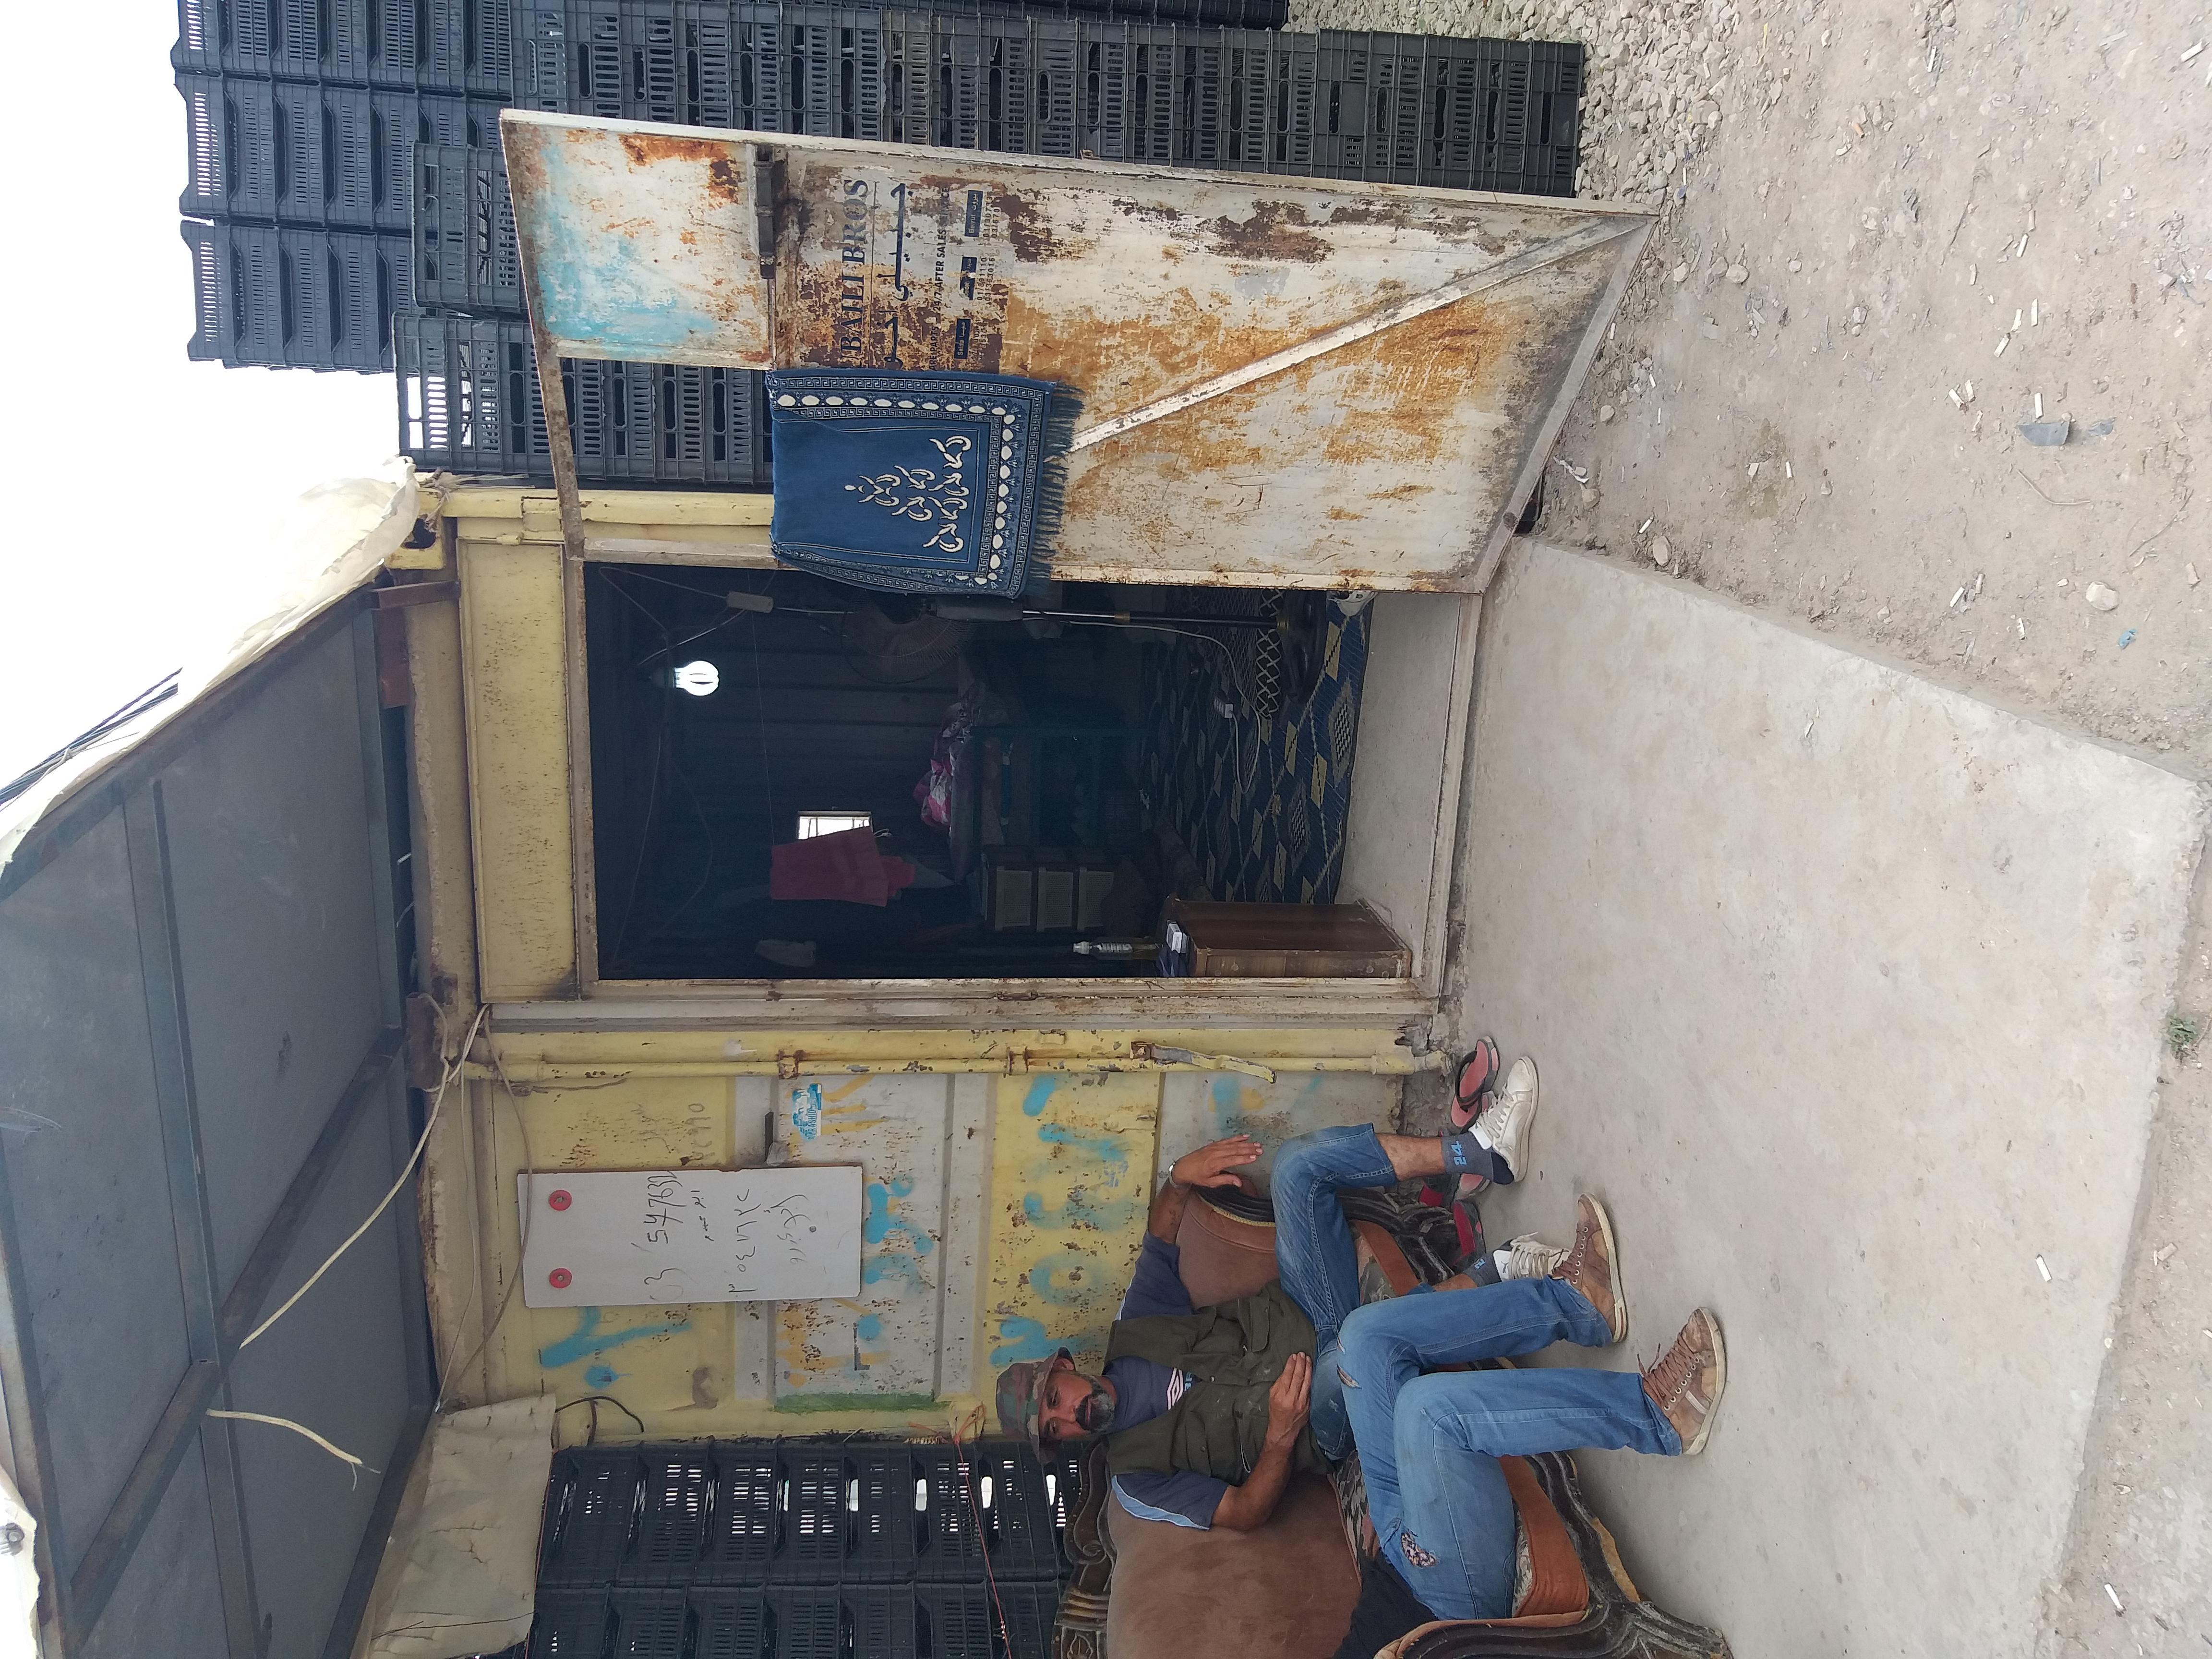 غرفة حديدية تعيش فيها واحدة من العائلات السورية في لبنان -فوكس حلب